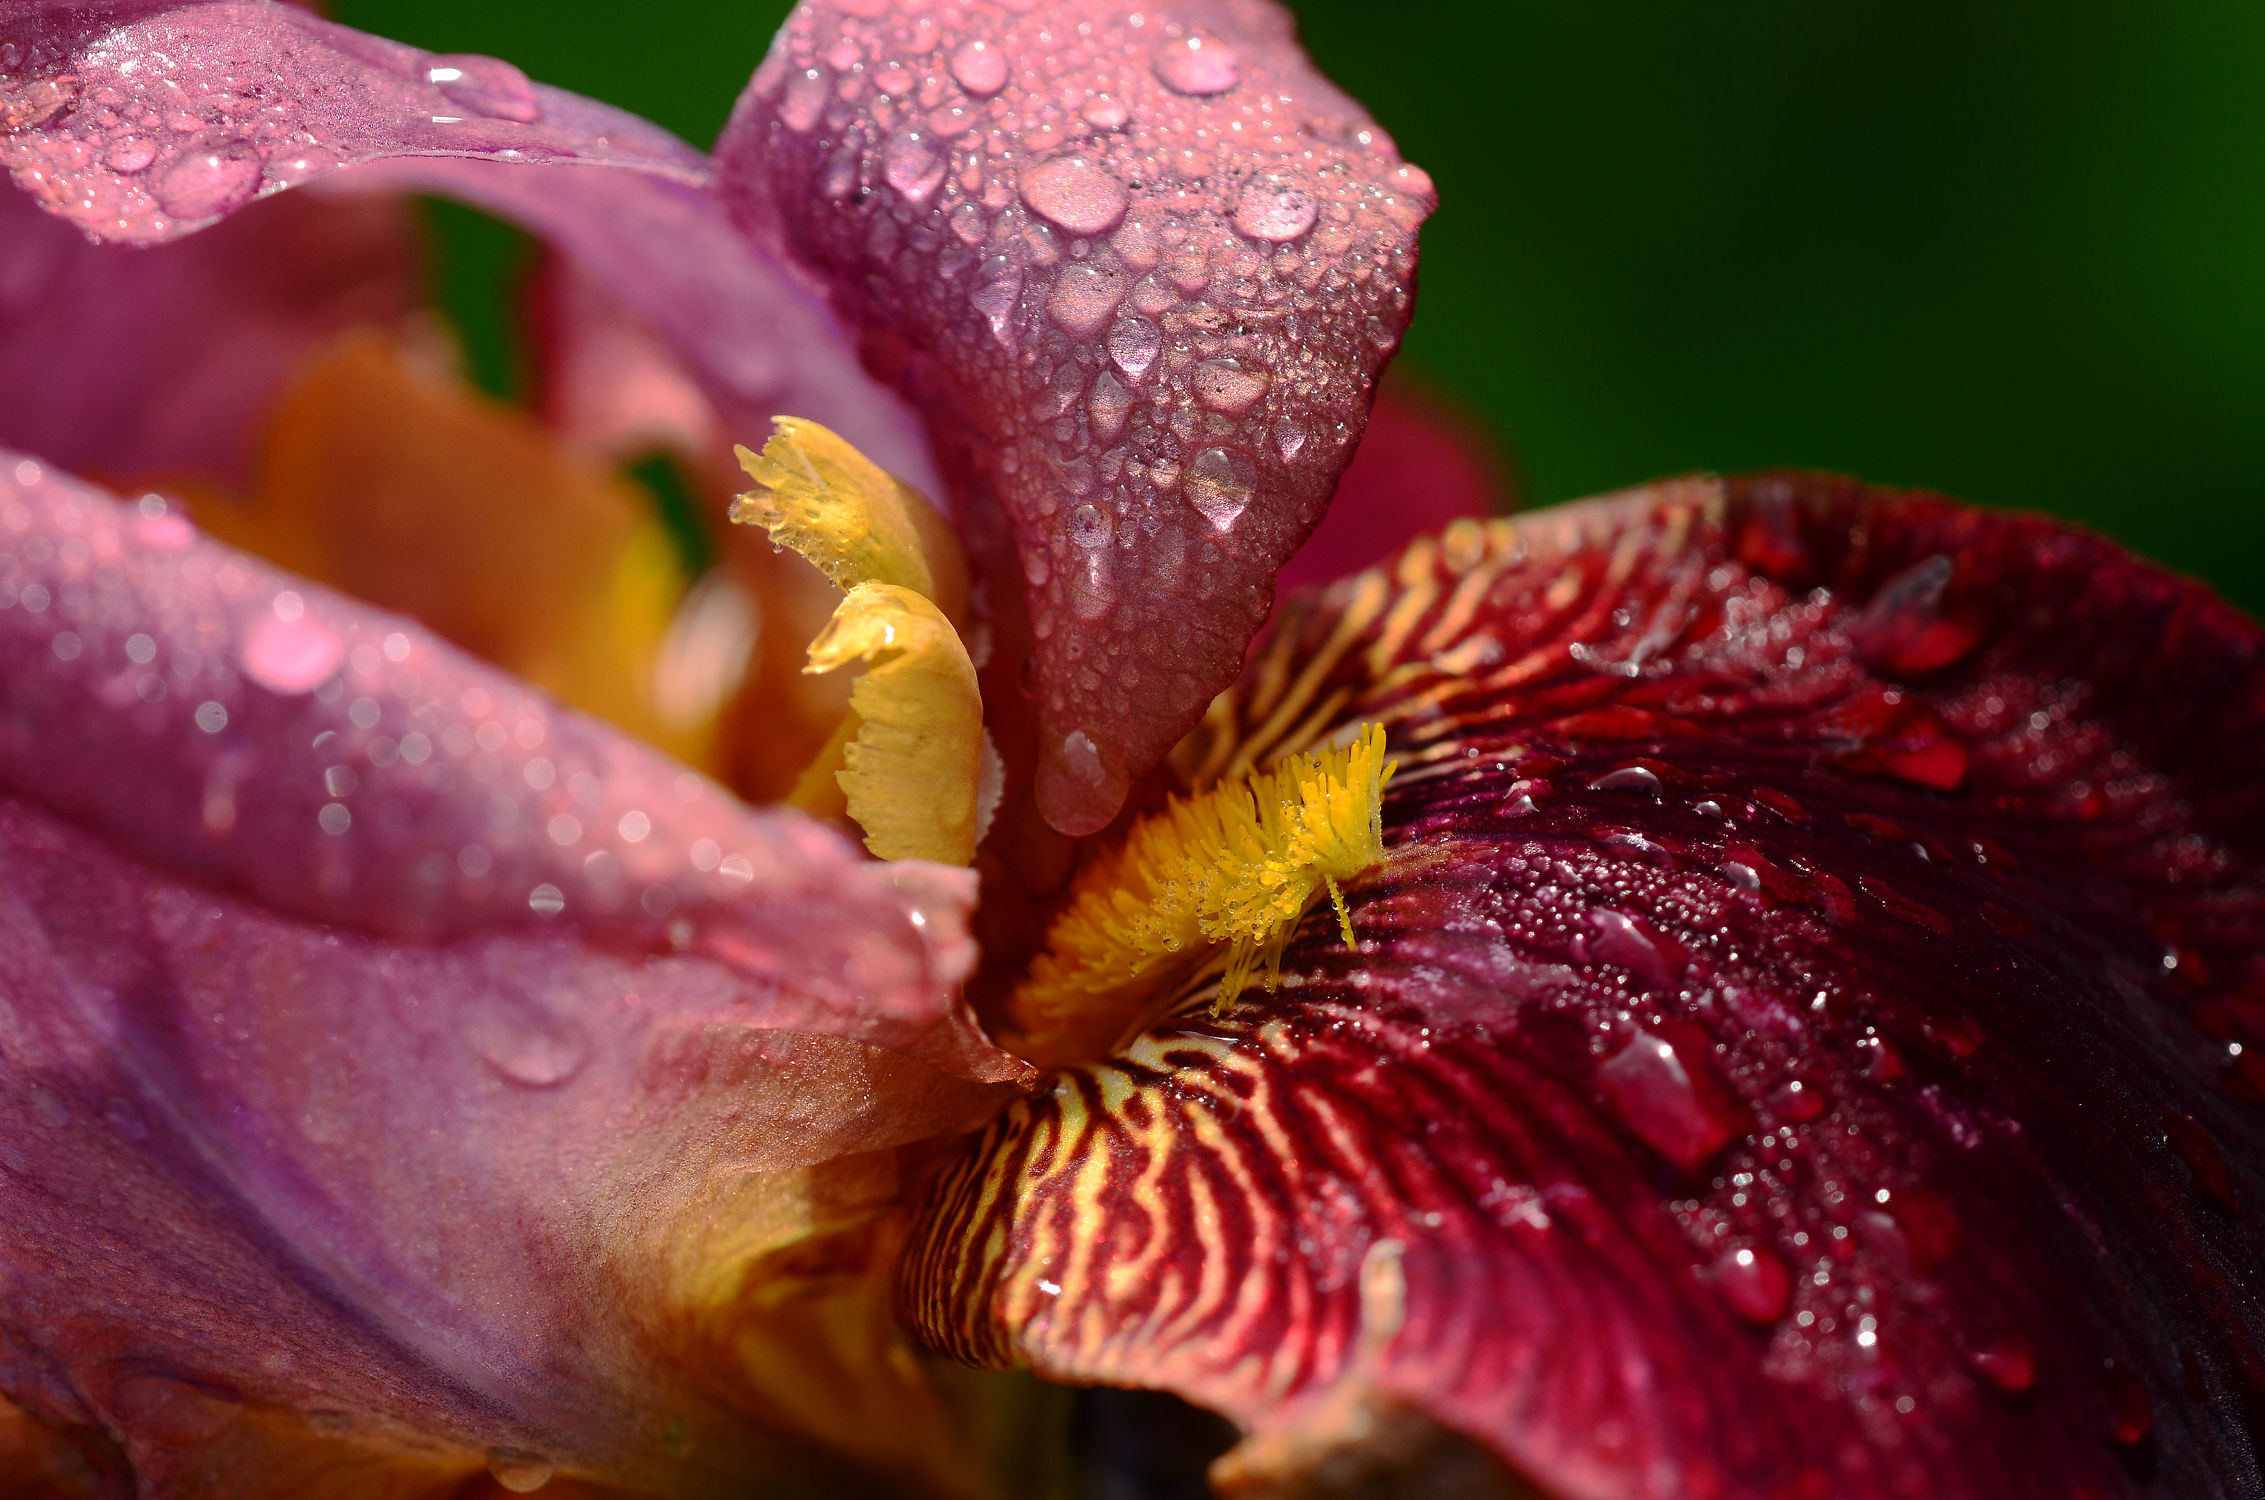 Bild mit Blumen, Frühling, Makro, garten, FARBE, FARBE, frühjahr, farbig, Morgentau, Dekoration, Morgens, Großaufnahme, Lilienblüte